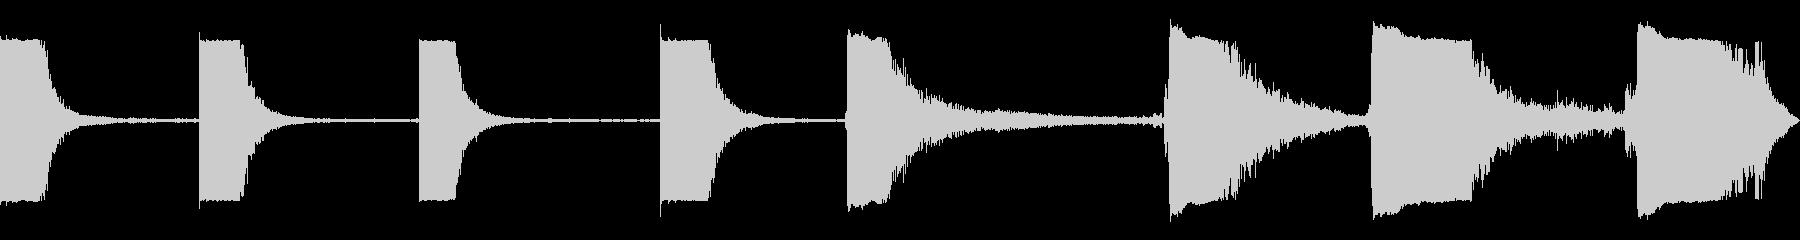 メタルドラムバングエンプティディス...の未再生の波形